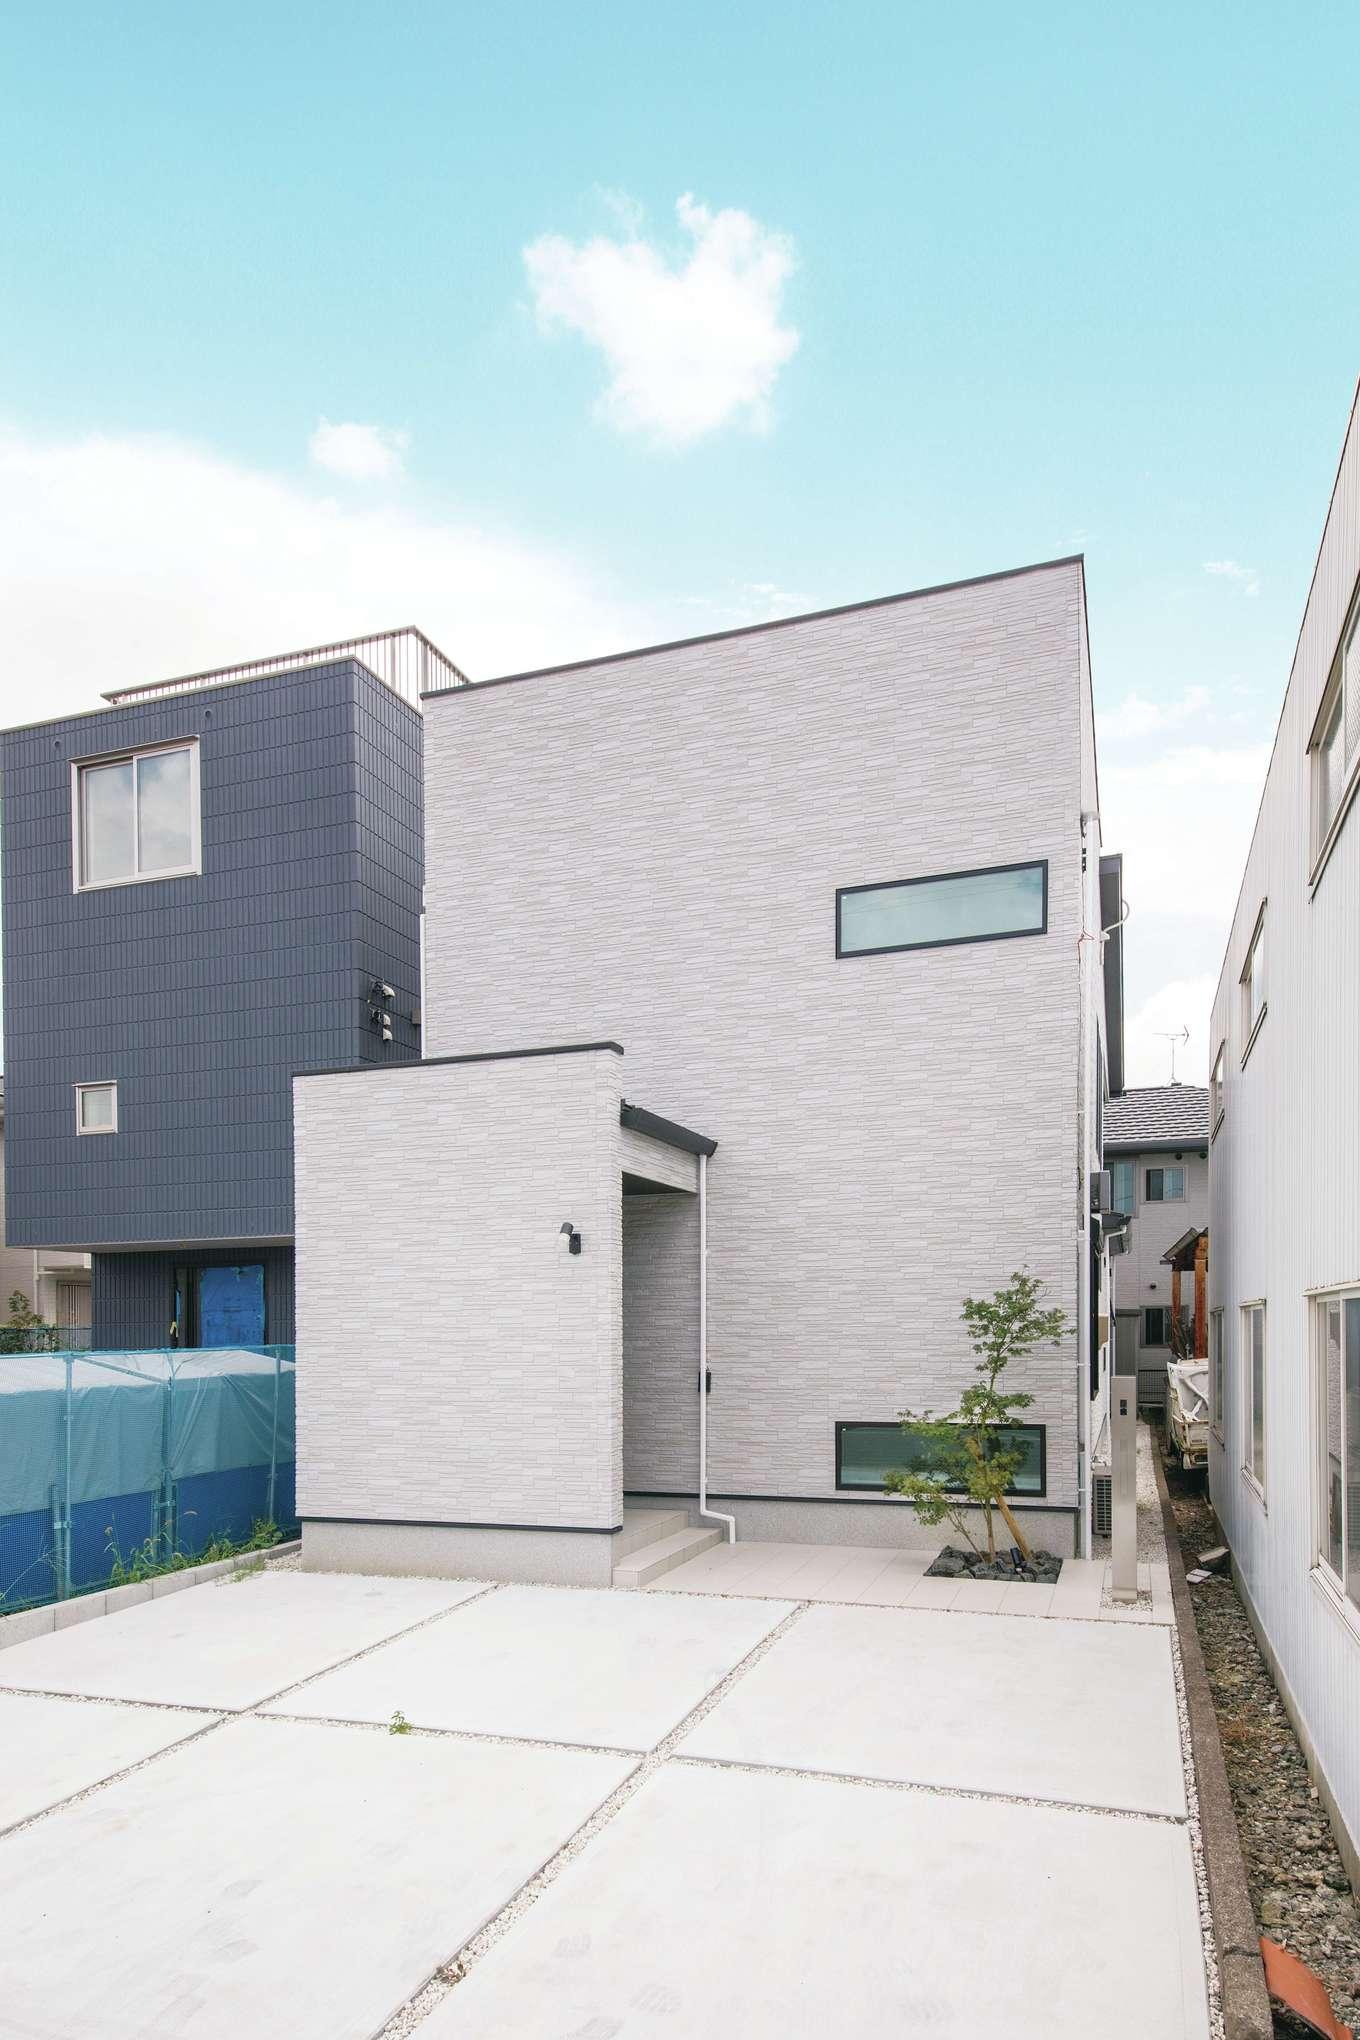 幸和ハウジング【デザイン住宅、屋上バルコニー、インテリア】シンプルなデザインの外観は植栽がアクセントに